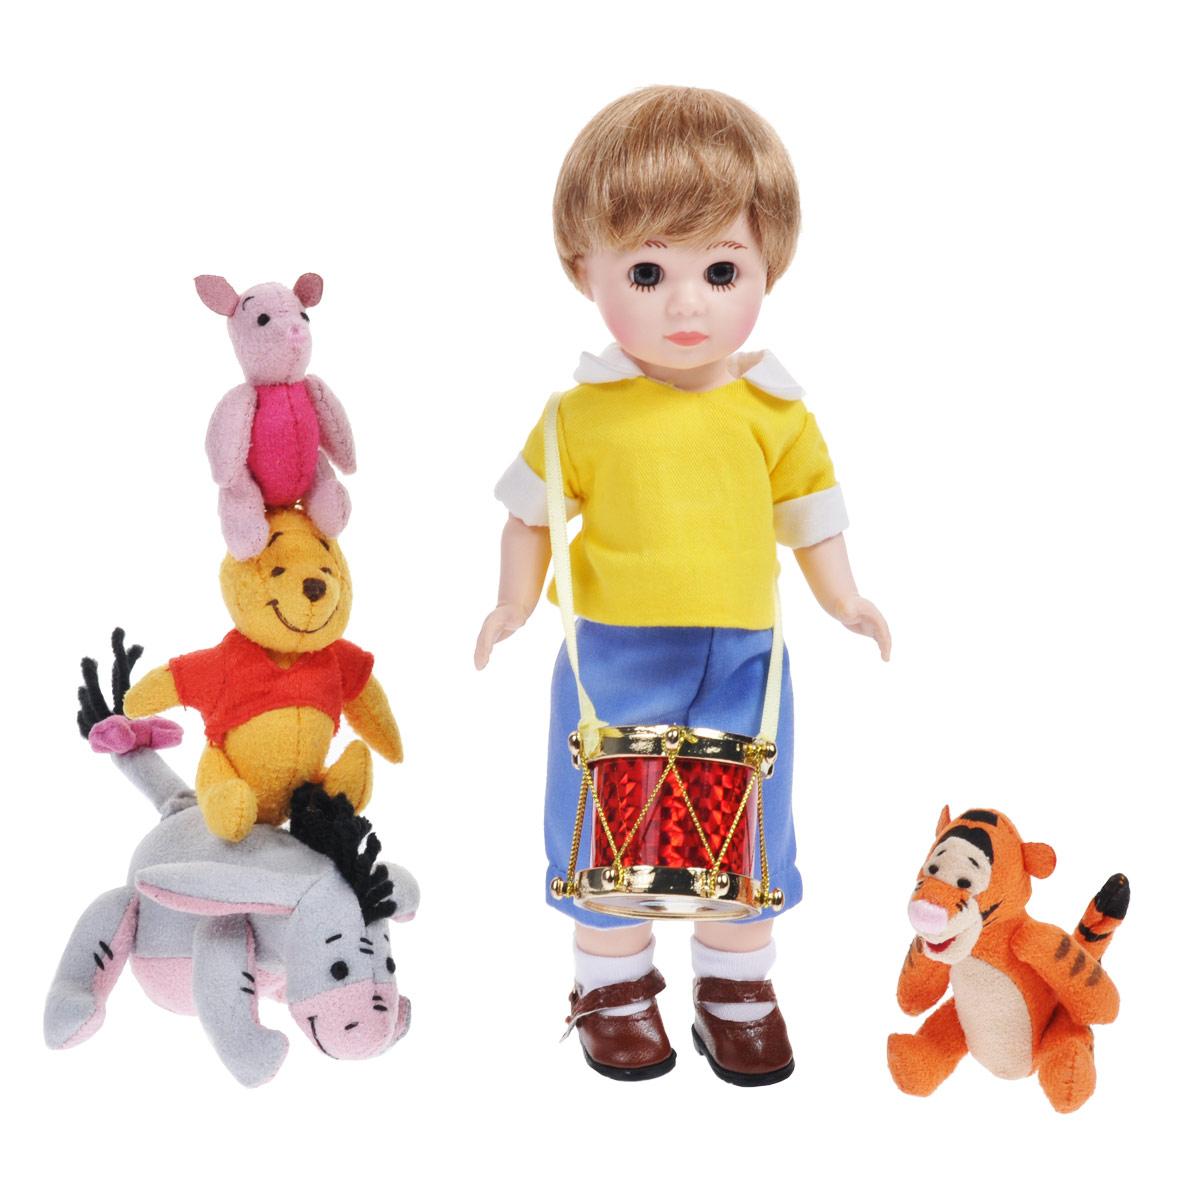 Madame Alexander Игровой набор с куклой Кристофер Робин и его друзья фигурки игрушки madame alexander набор кукол кристофер робин и его друзья 20 см коллекционные